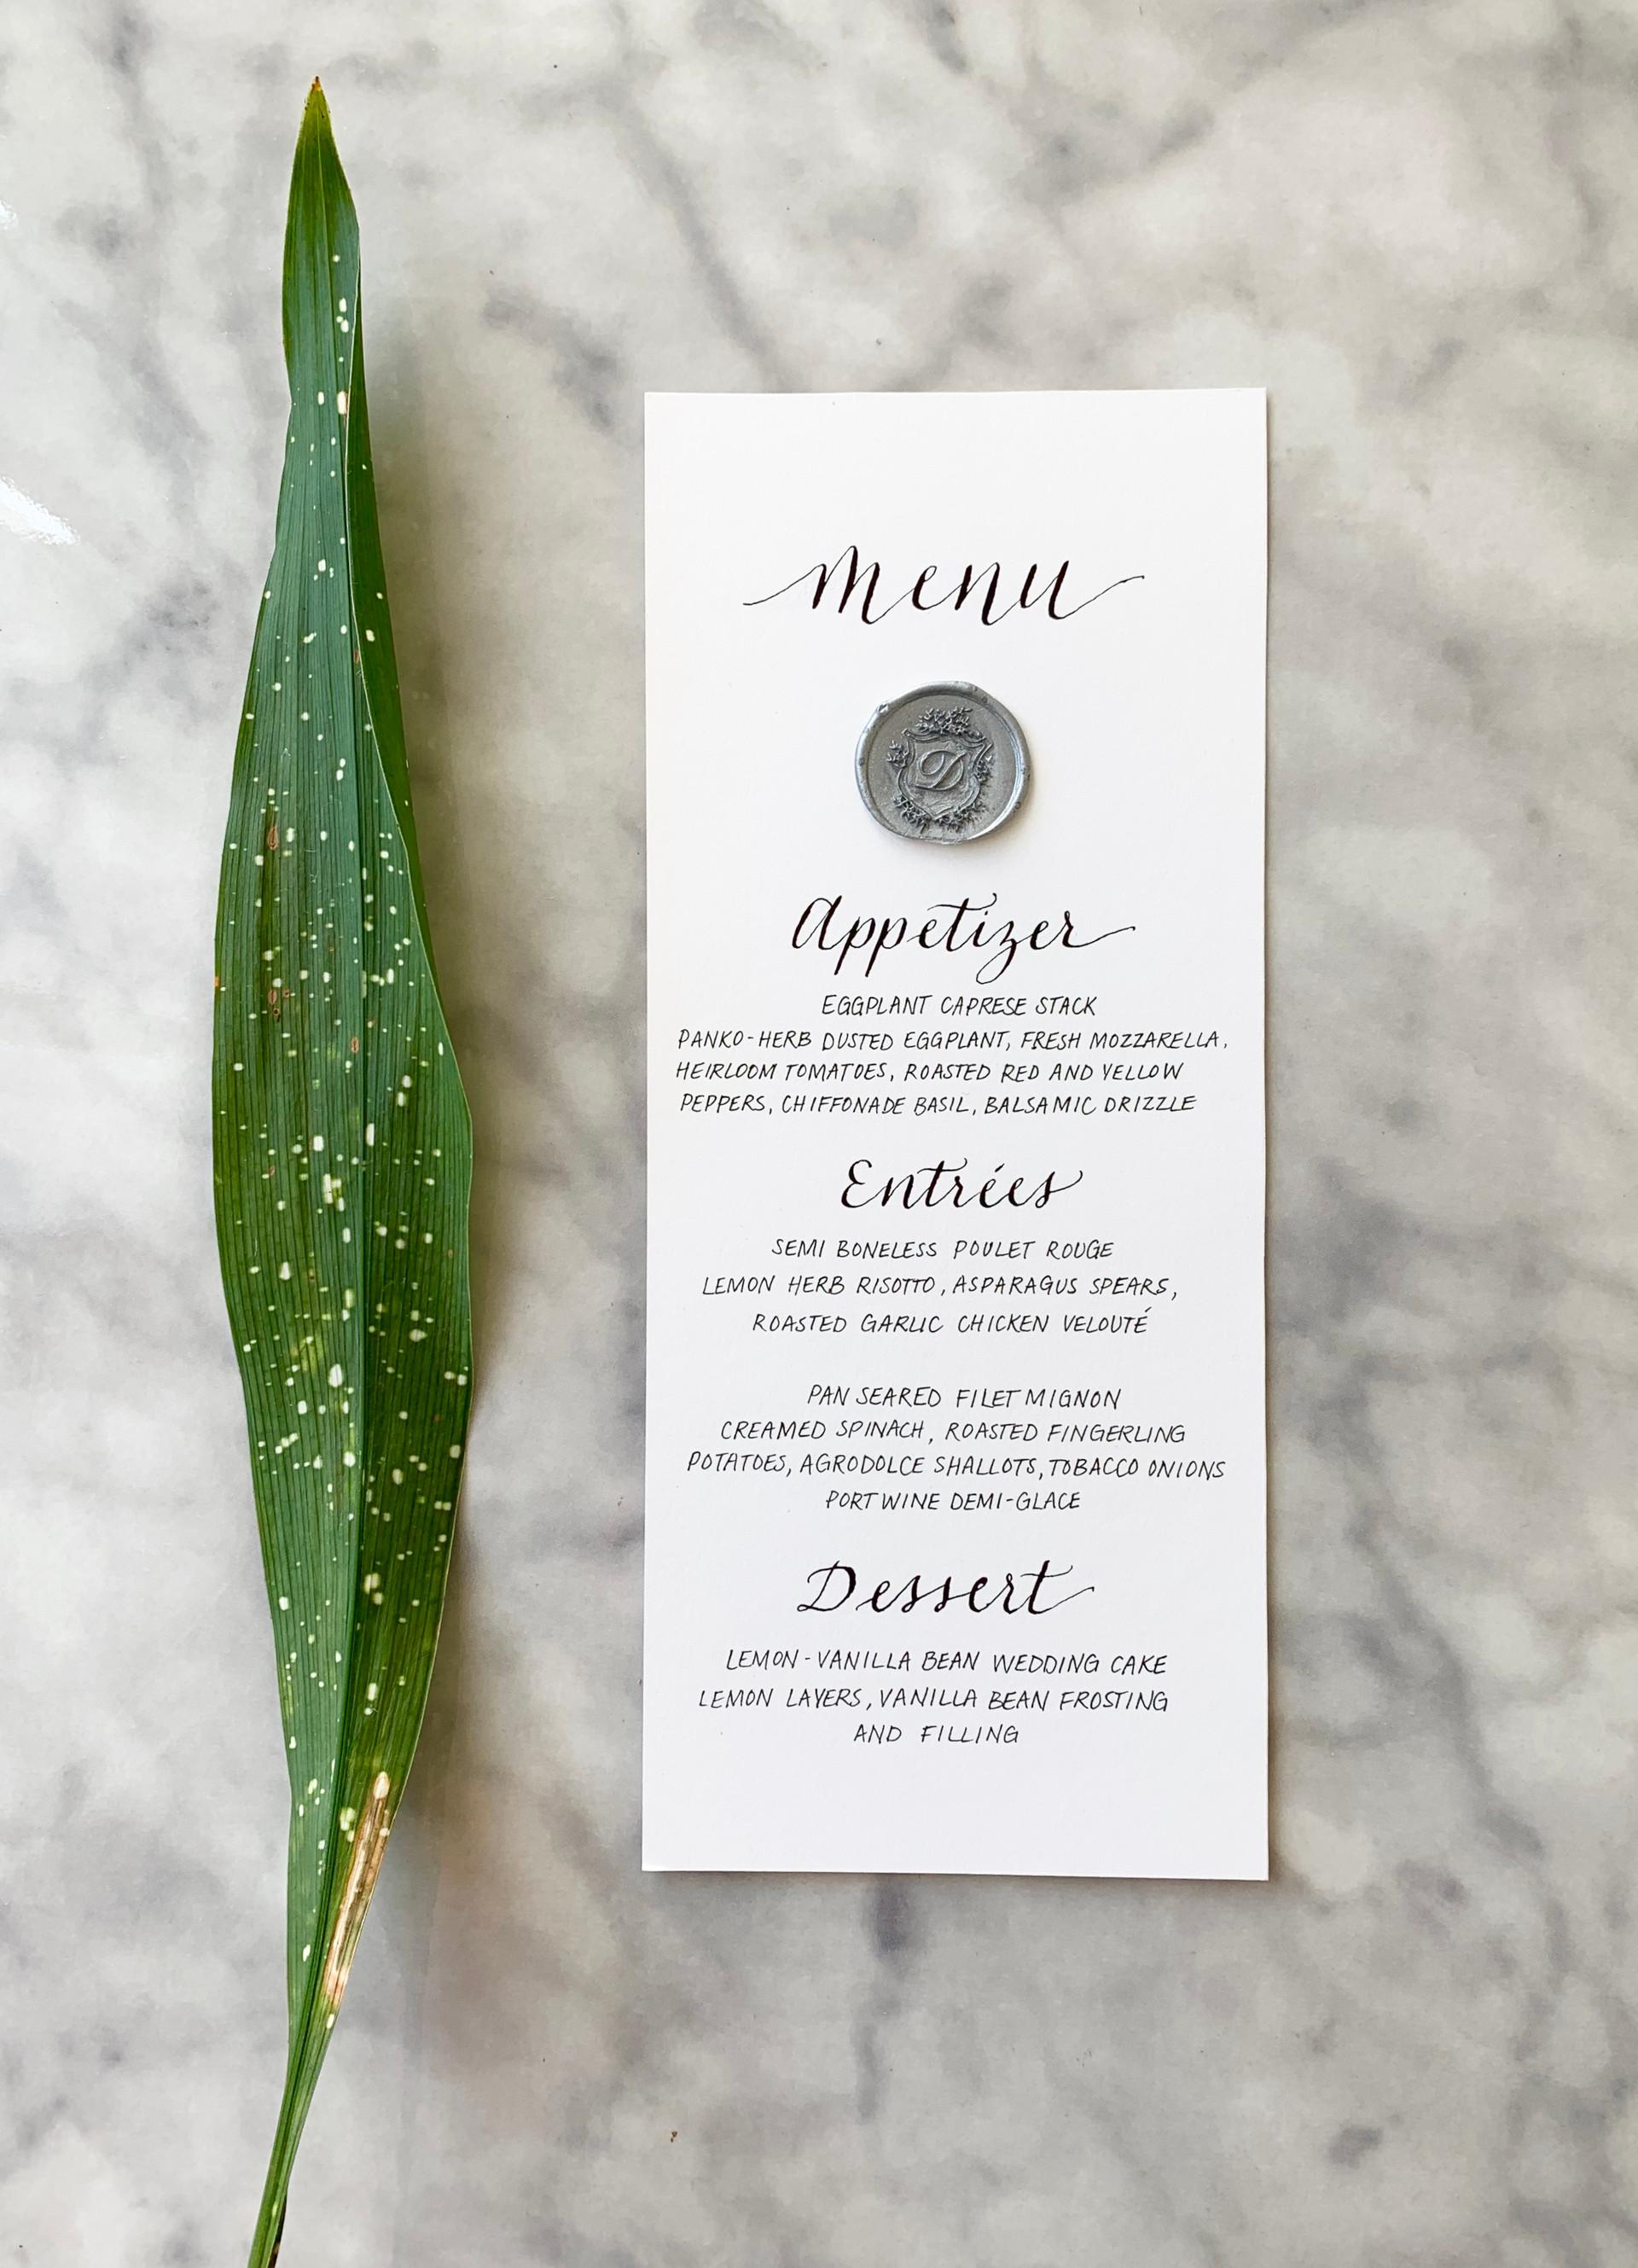 Wedding Menu with Wax Seal